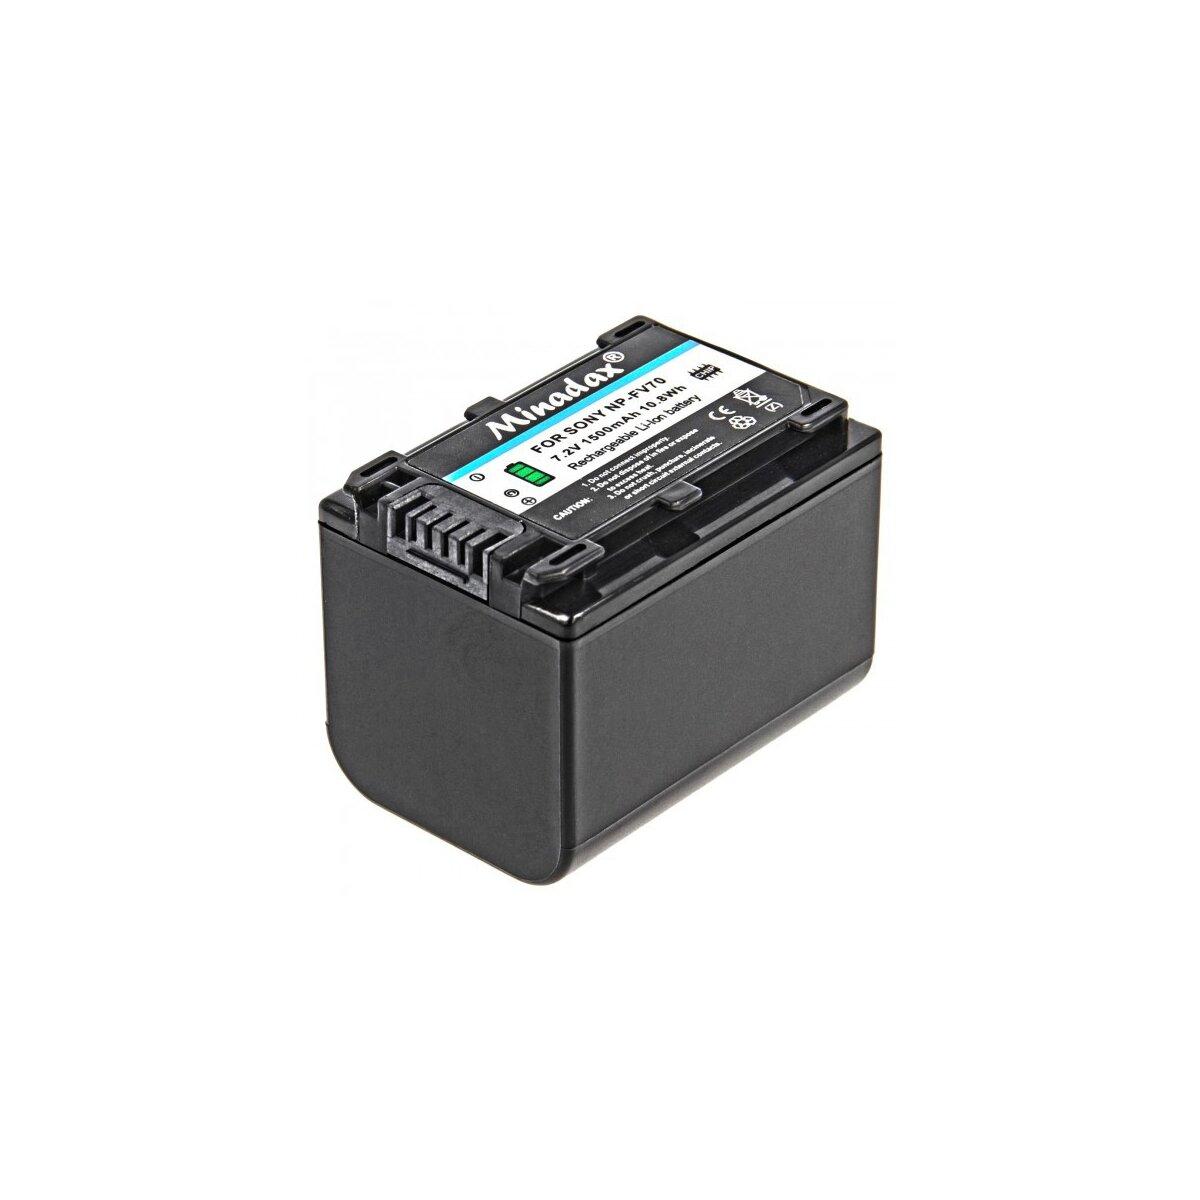 Minadax Qualitätsakku mit echten 1500 mAh kompatibel für Sony HDR CX115E CX190E CX200E CX210E CX220E CX250E CX260VE CX280E CX320E CX410VE CX570E CX730E CX690E CX740VE CX900E etc. Ersatz für NP-FV70